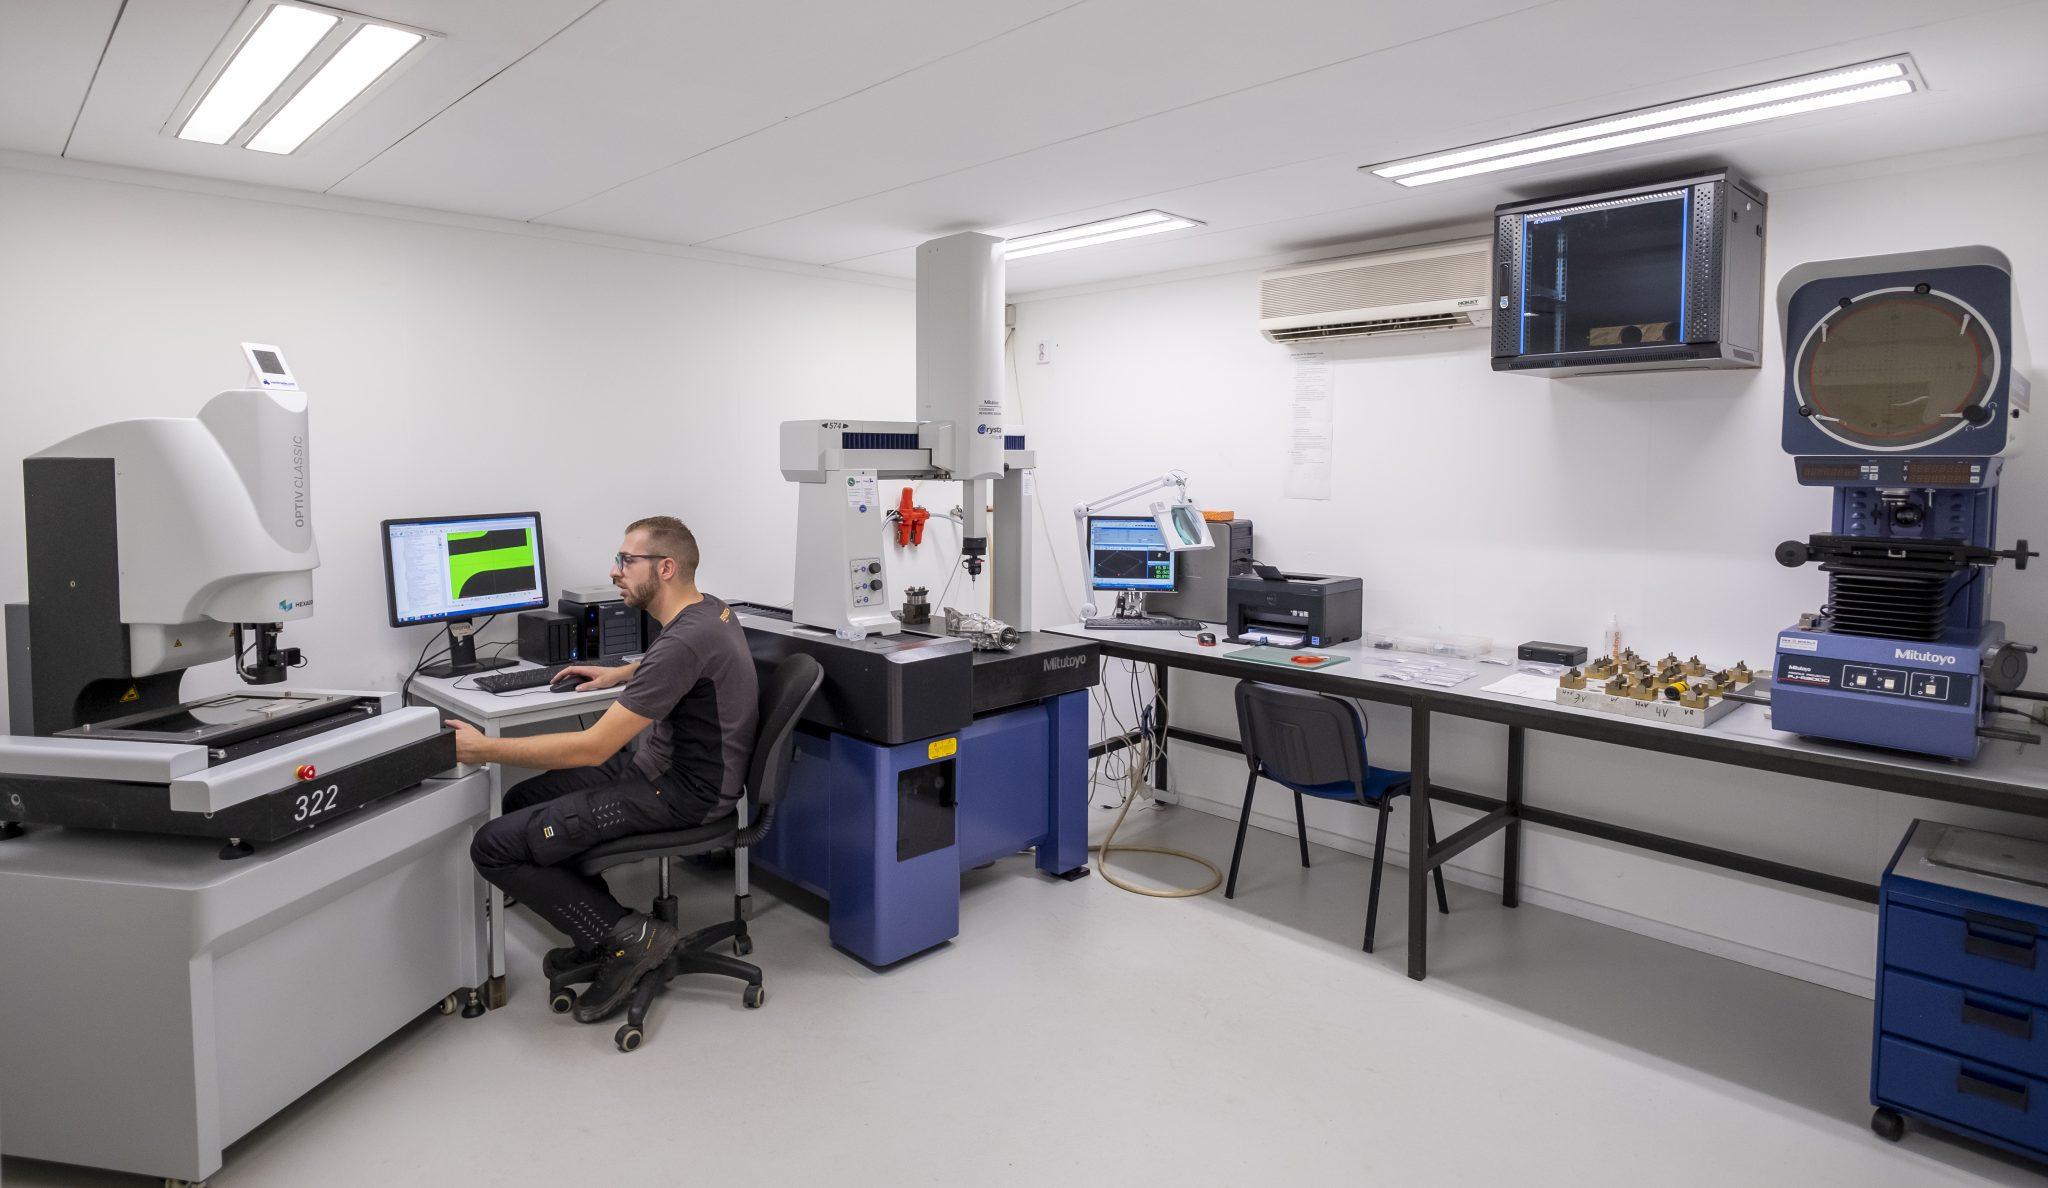 Meetkamer Nefratech EDM-Center